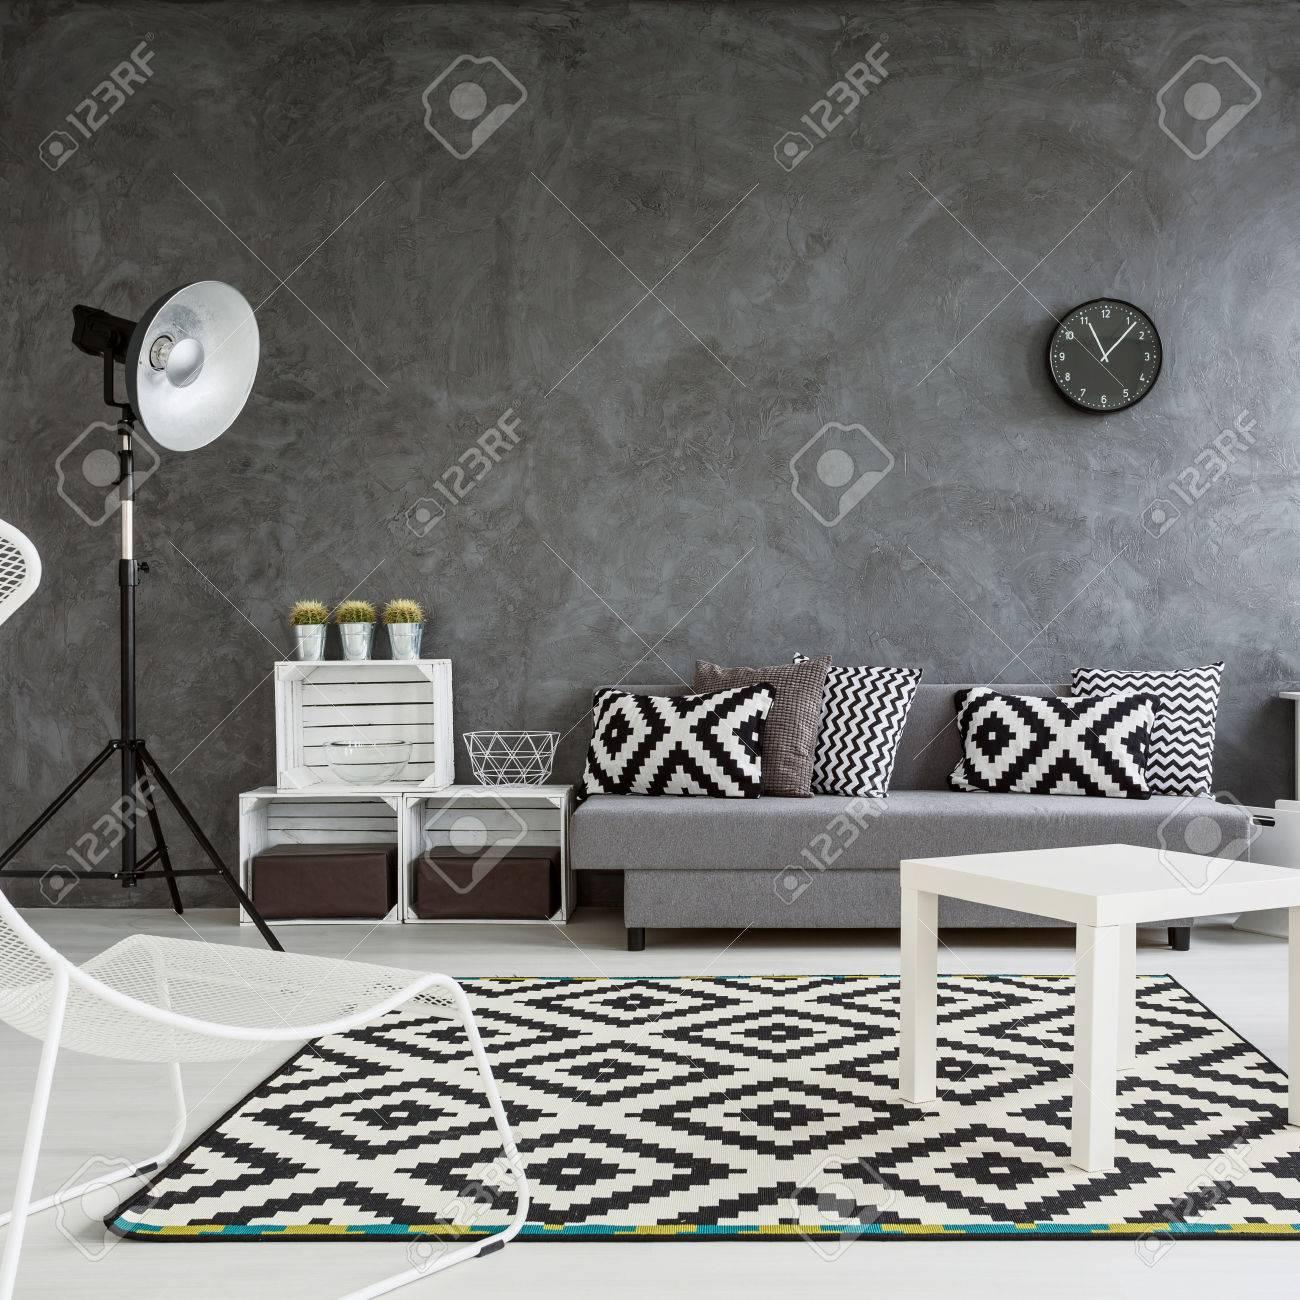 ampio soggiorno arredato con stile. pareti grigio, pavimento in ... - Decorare Con Pareti Grigie